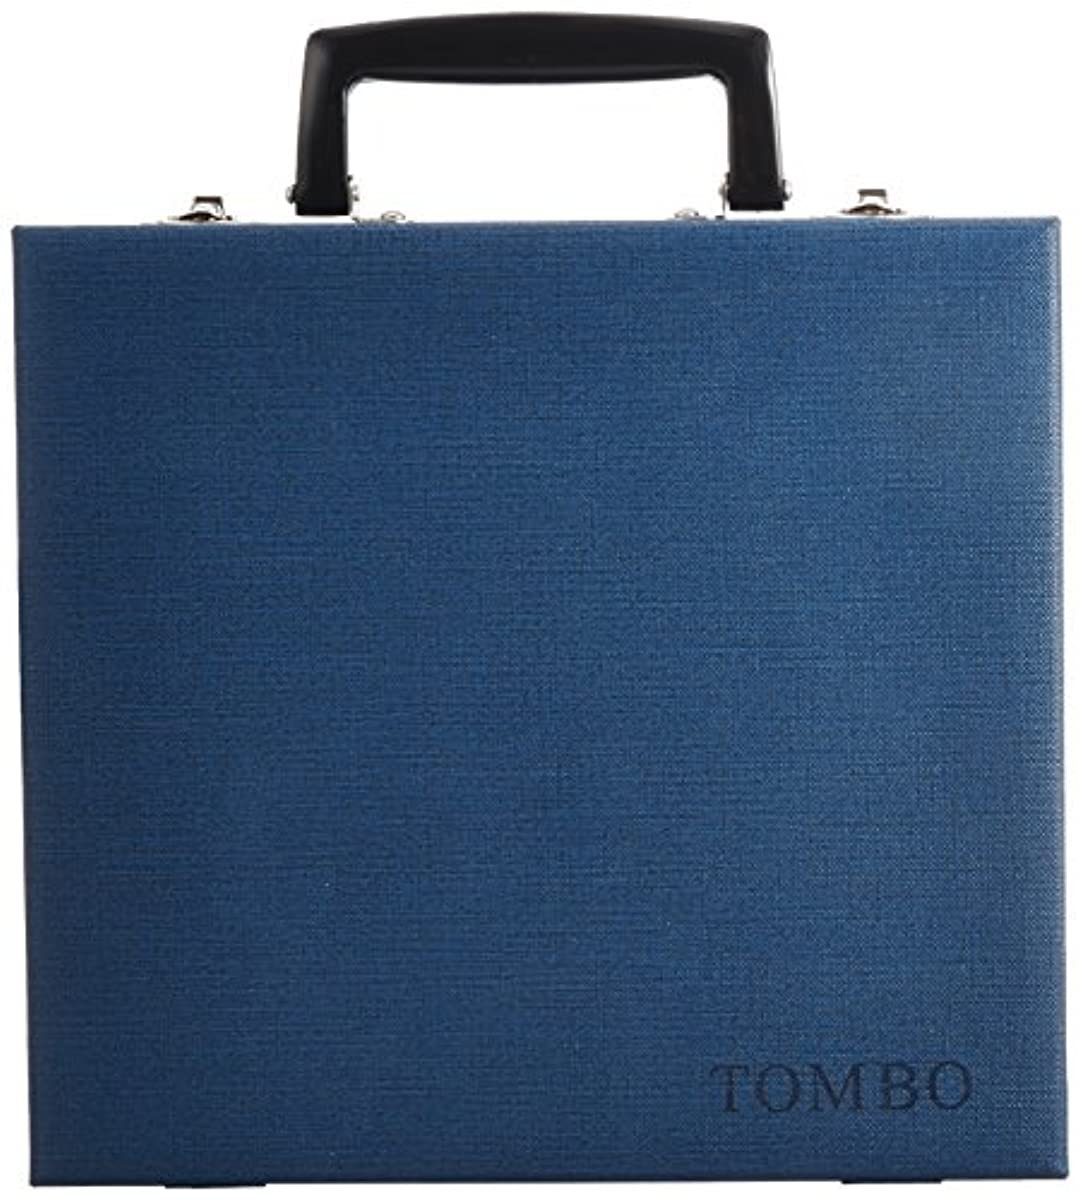 TOMBO 잠자리 하모니카 하드 케이스 HC-6-HC-6